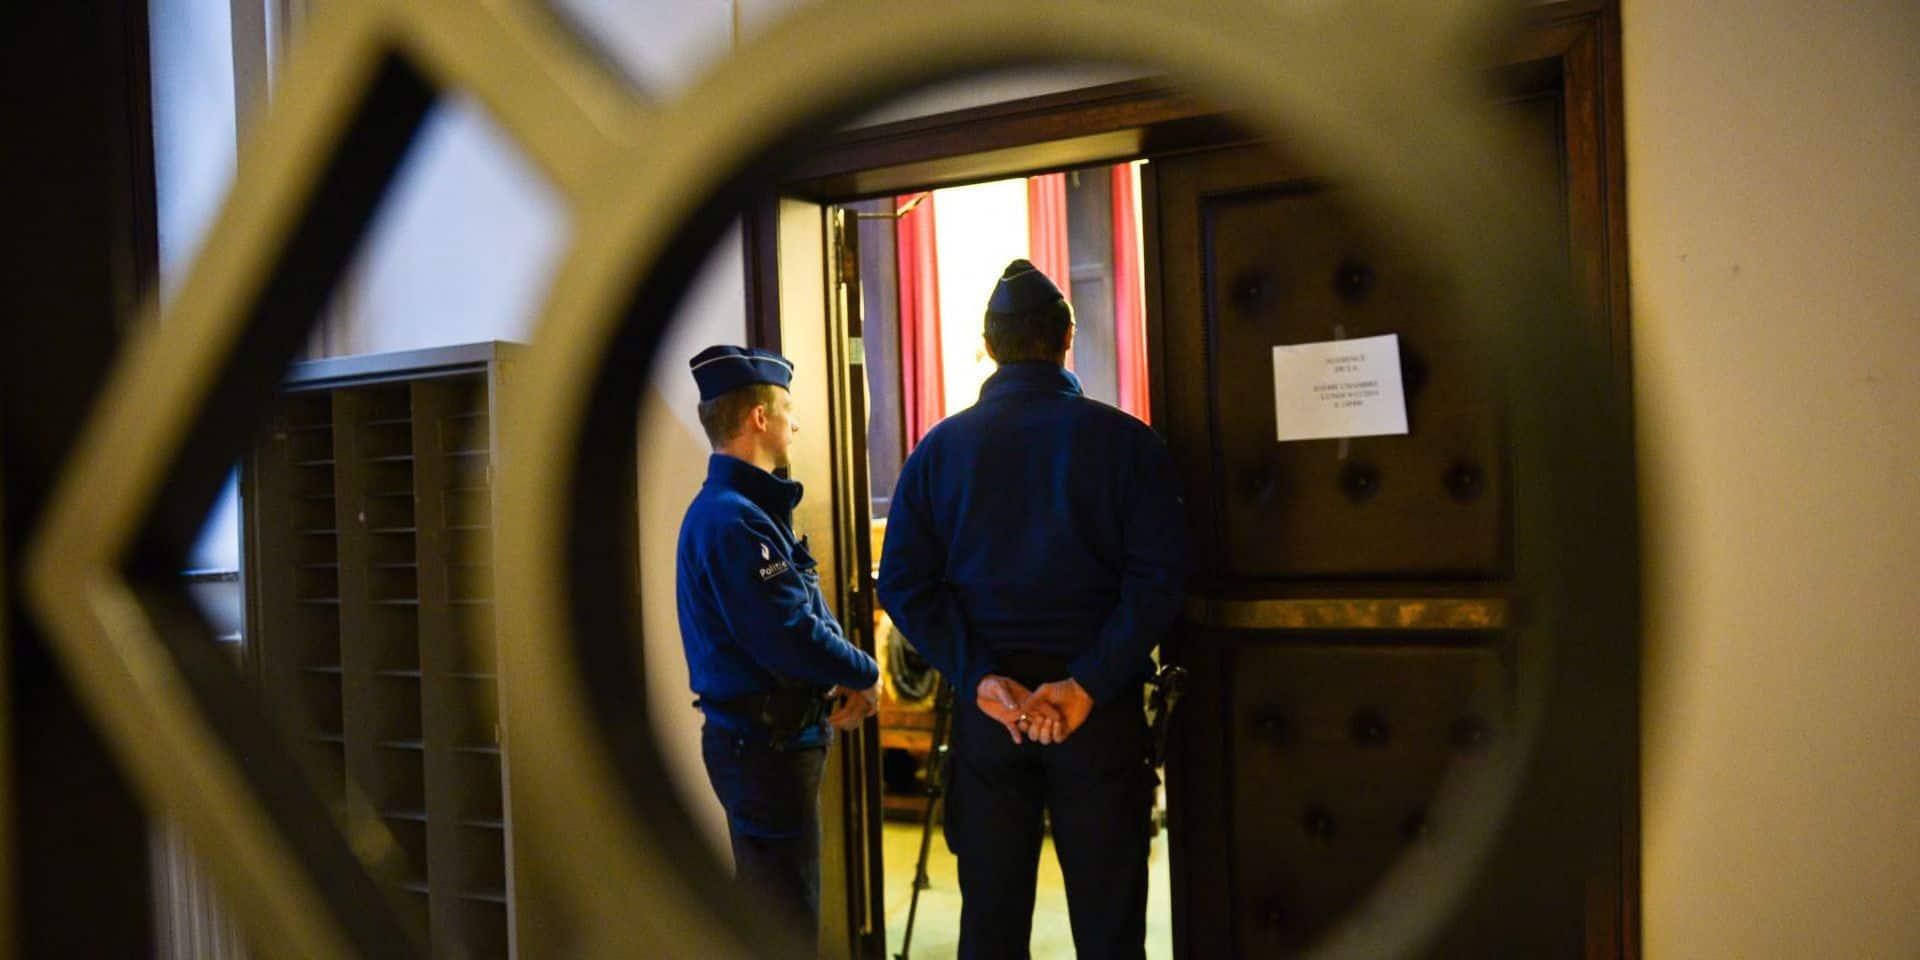 Moussa volait dans les Colruyt de la région pour financer sa drogue : 18 mois de prison ferme